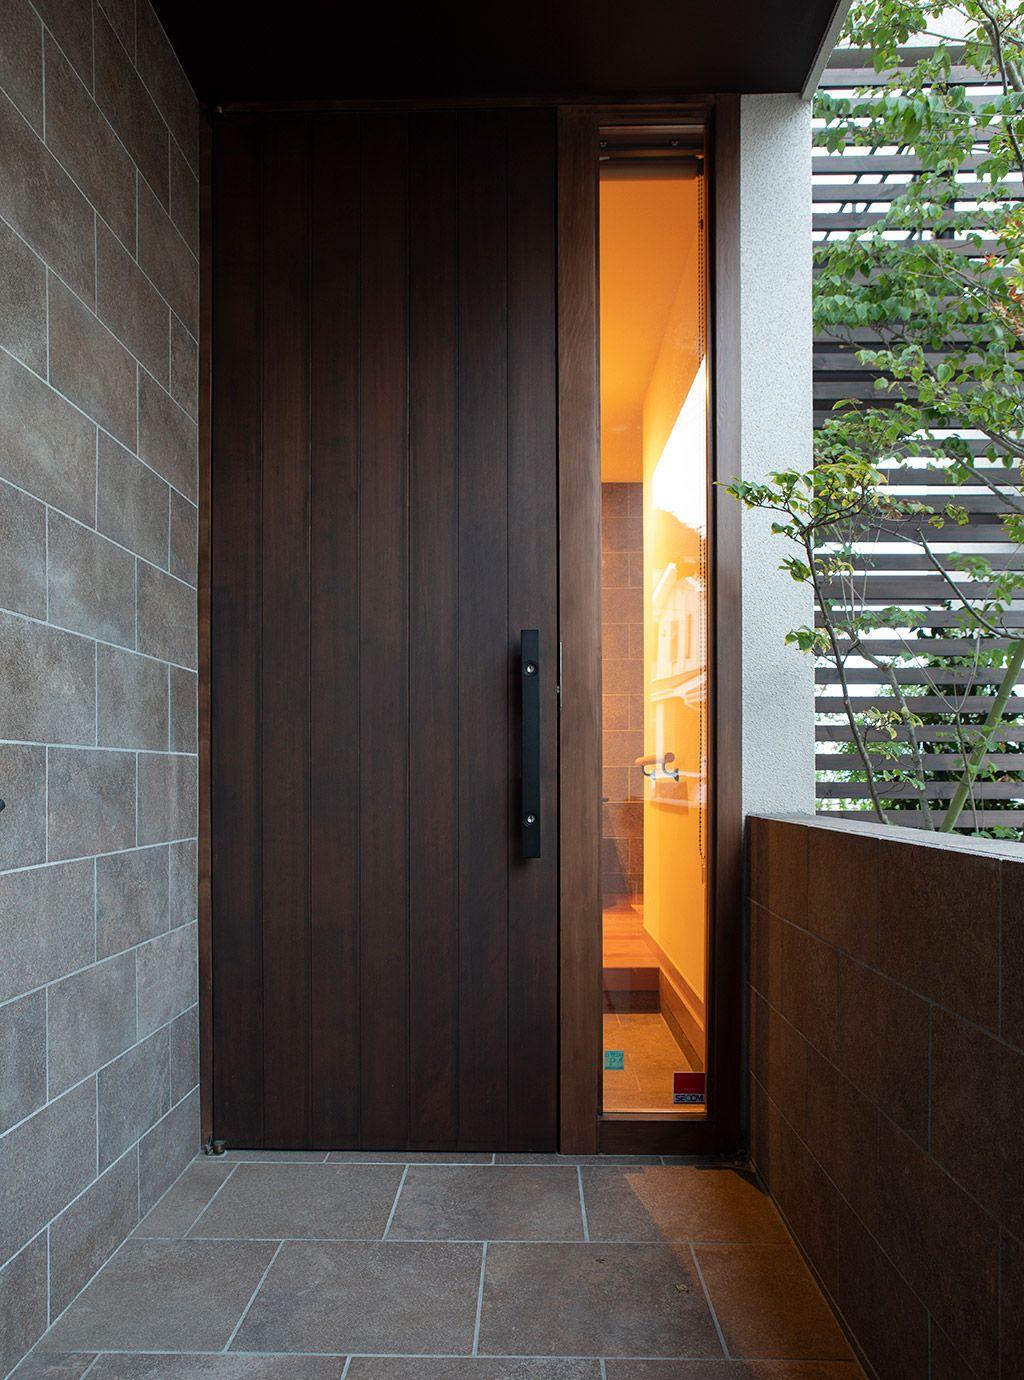 海を見渡す家 久里浜 神奈川県鎌倉市の一級建築士事務所 Sデザイン